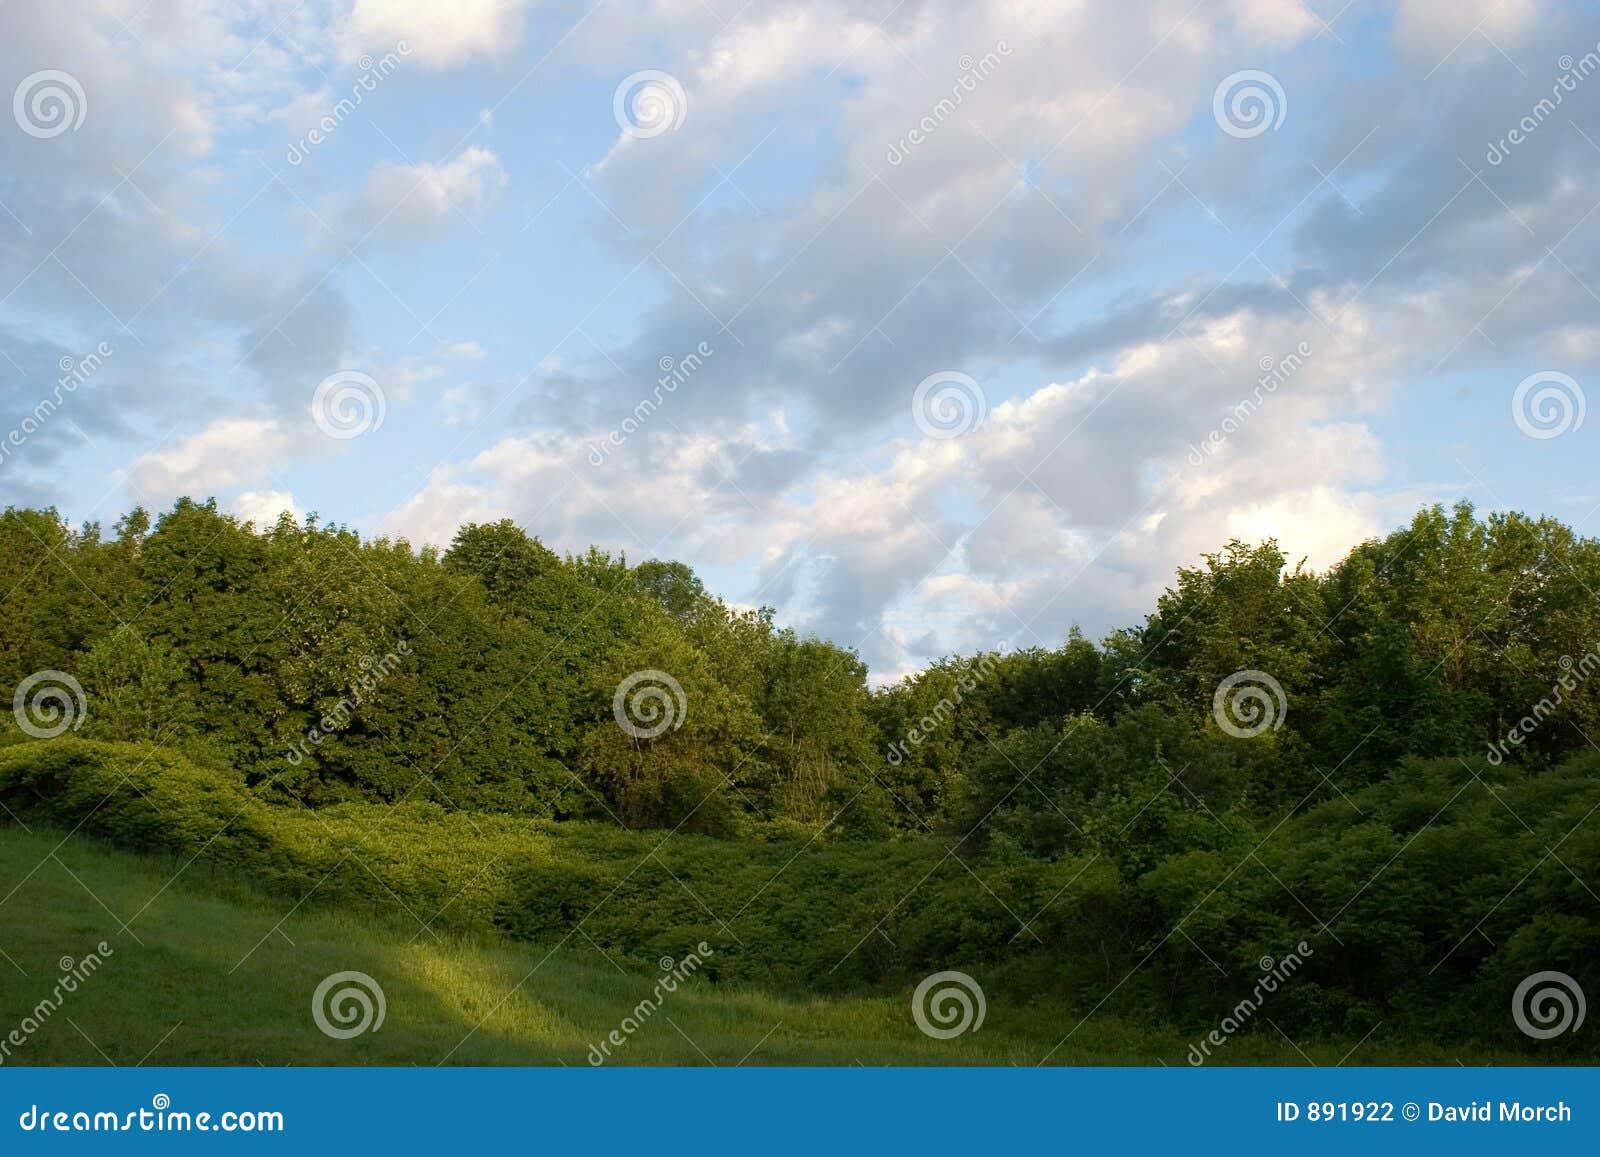 Bois De Liesse park